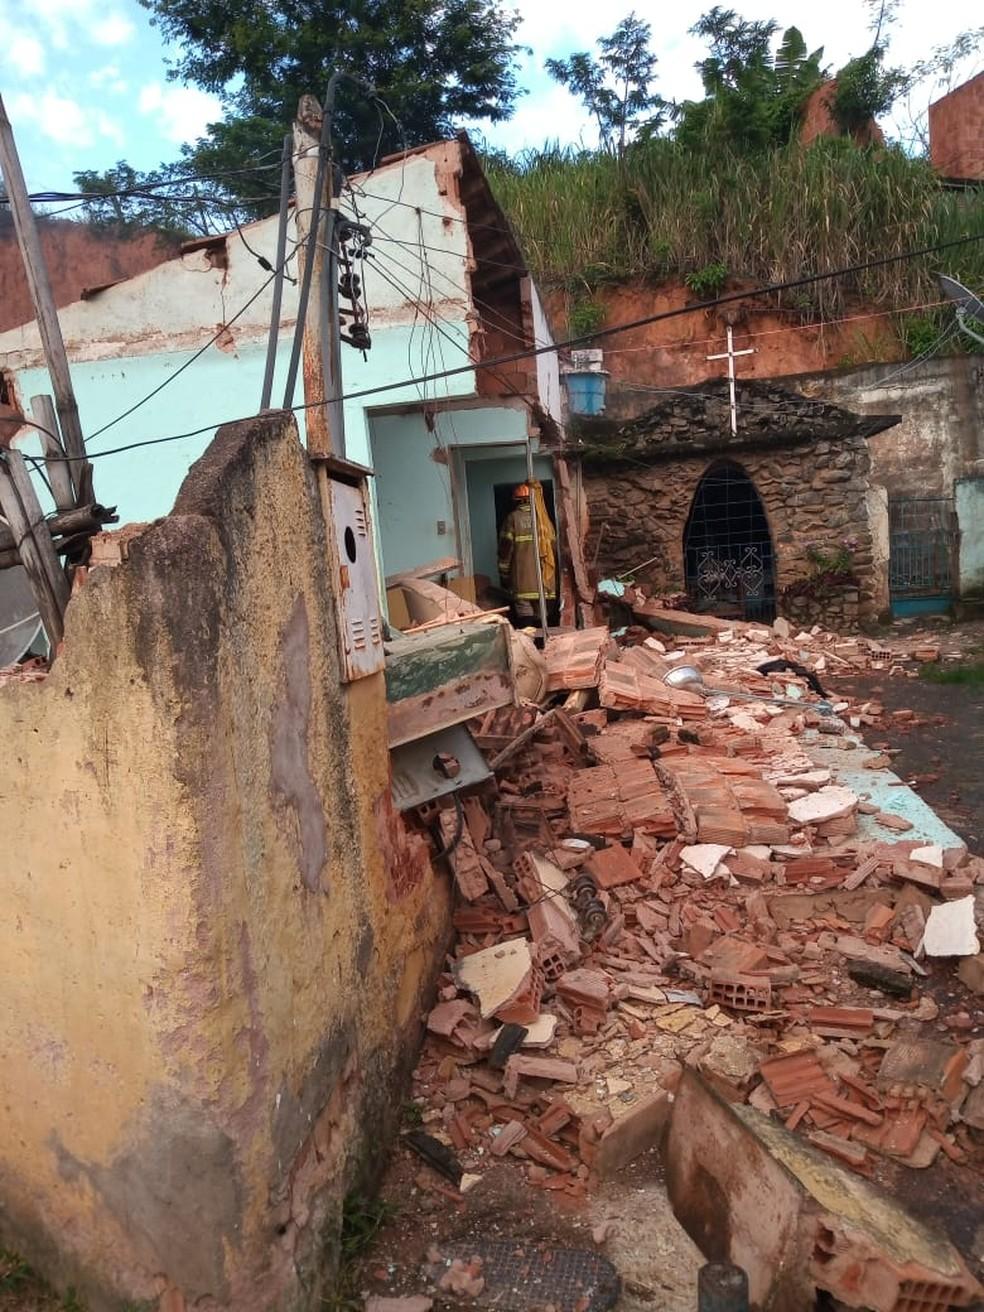 Imóvel ficou destruído em Valença — Foto: Thiago de Oliveira Martins